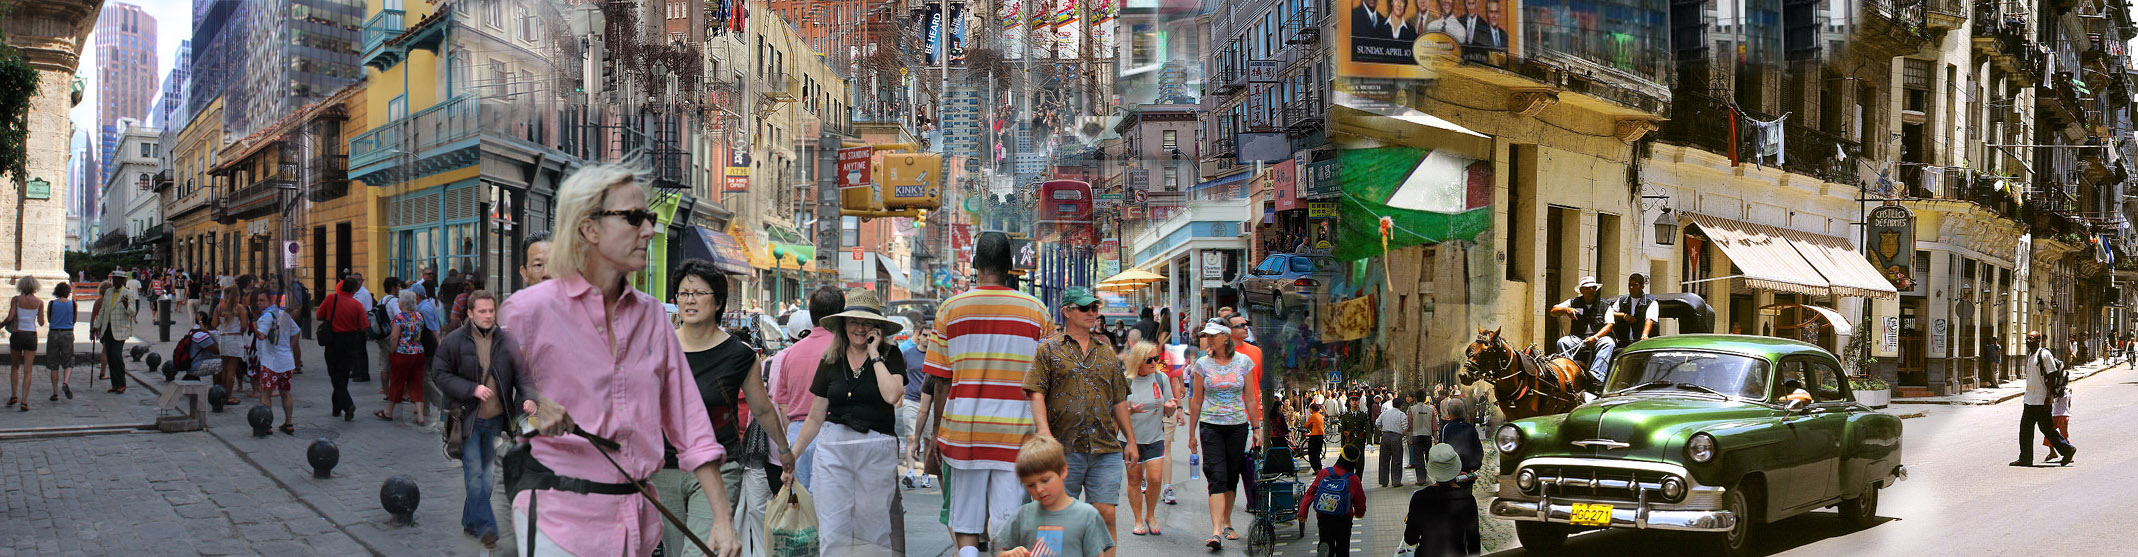 city crowd panarama 2.jpg